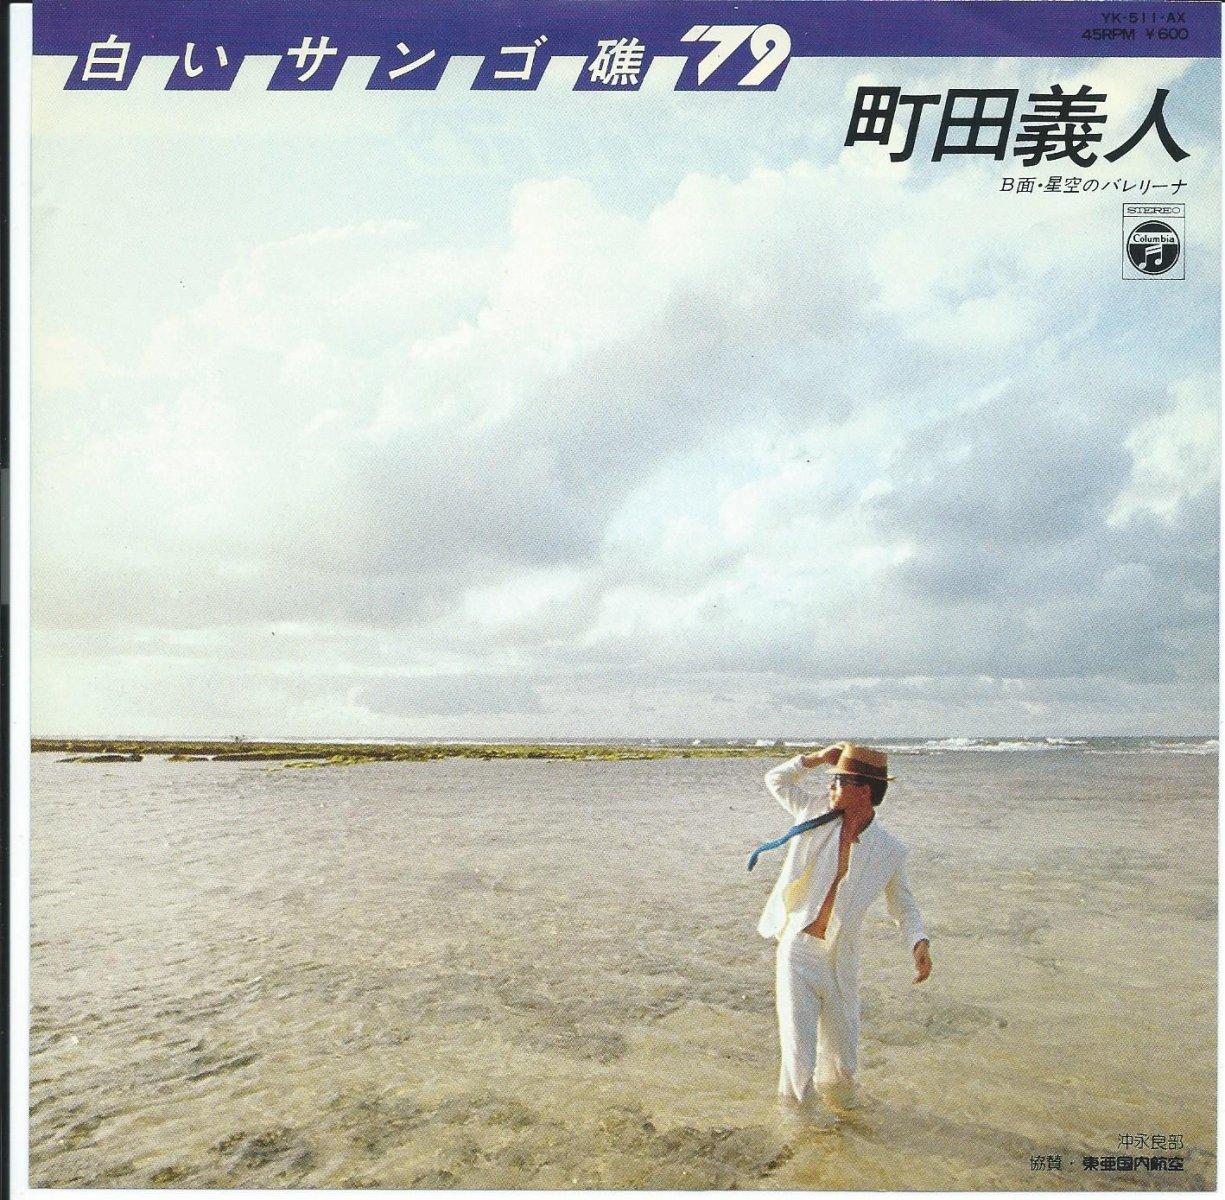 町田義人 YOSHITO MACHIDA / 白いサンゴ礁 '79 / 星空のバレリーナ (7